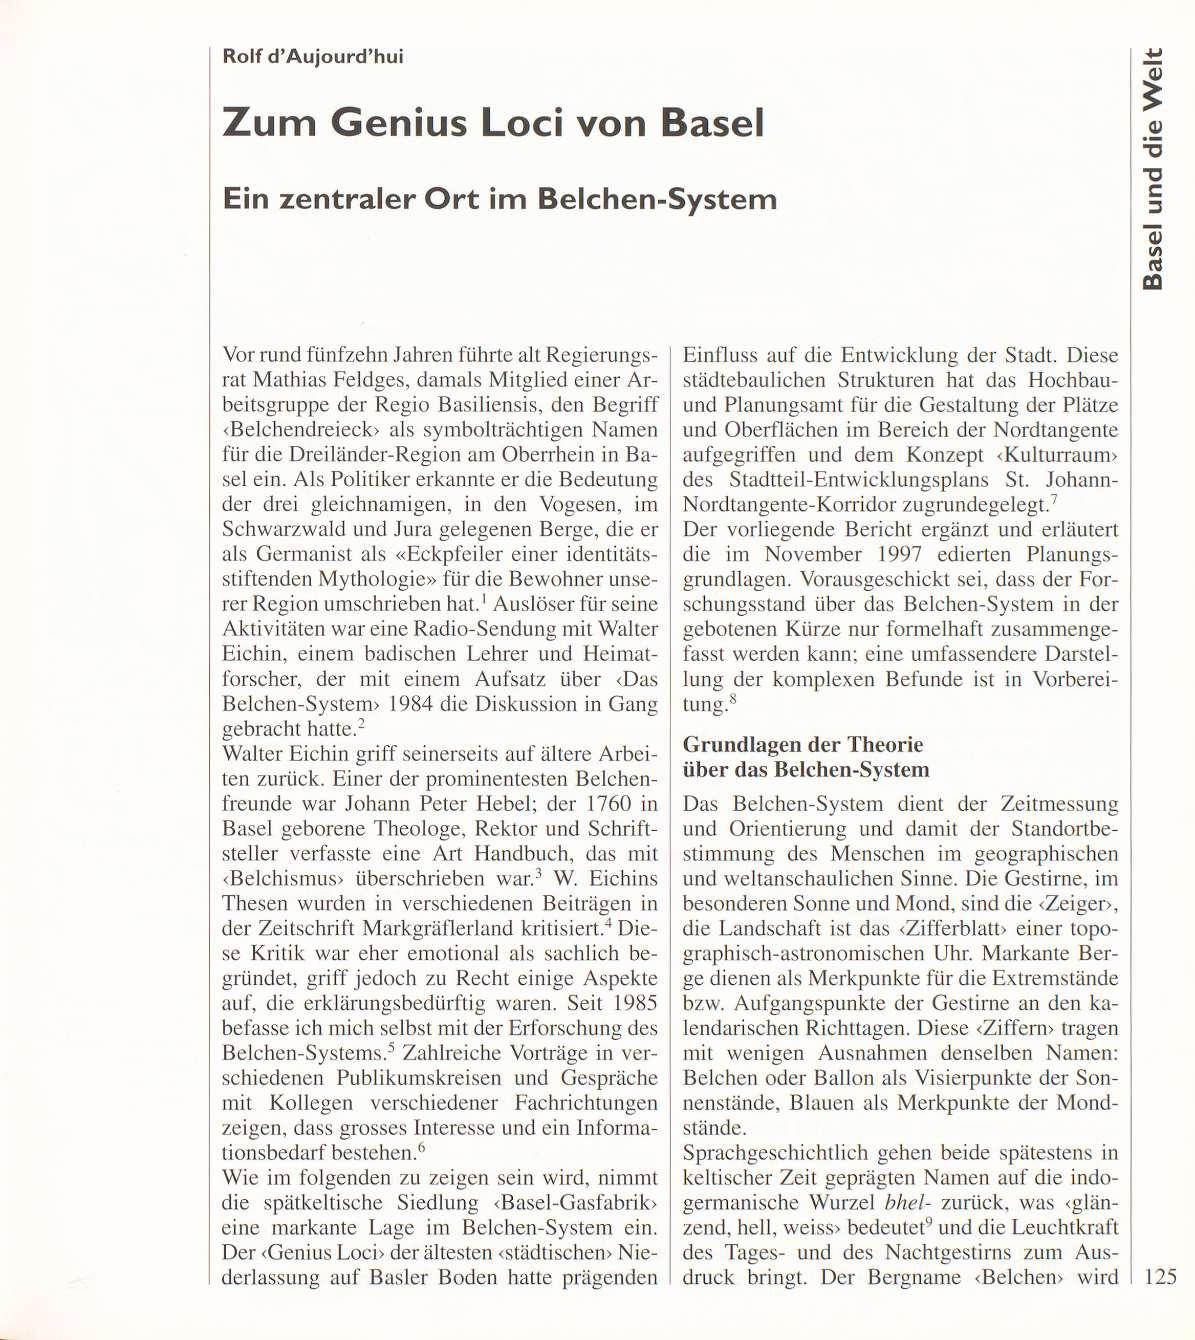 Zum Genius Loci von Basel - Basler Stadtbuch 1997